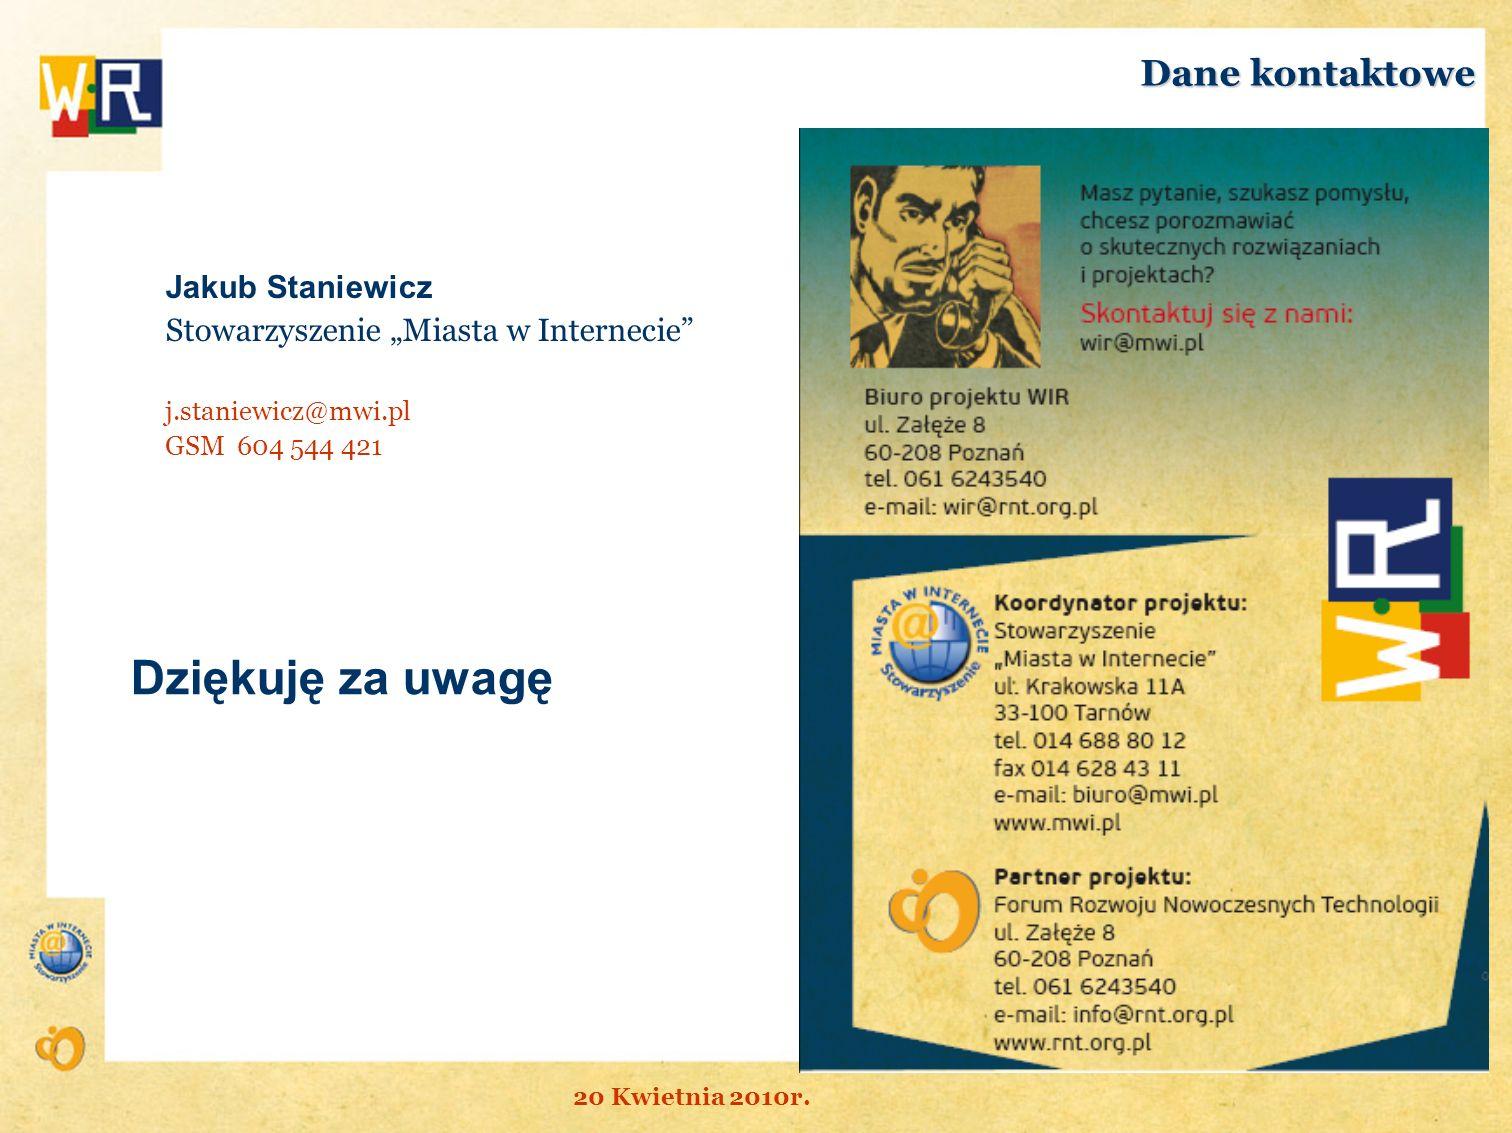 Jakub Staniewicz Stowarzyszenie Miasta w Internecie j.staniewicz@mwi.pl GSM 604 544 421 Dane kontaktowe Dziękuję za uwagę 20 Kwietnia 2010r.